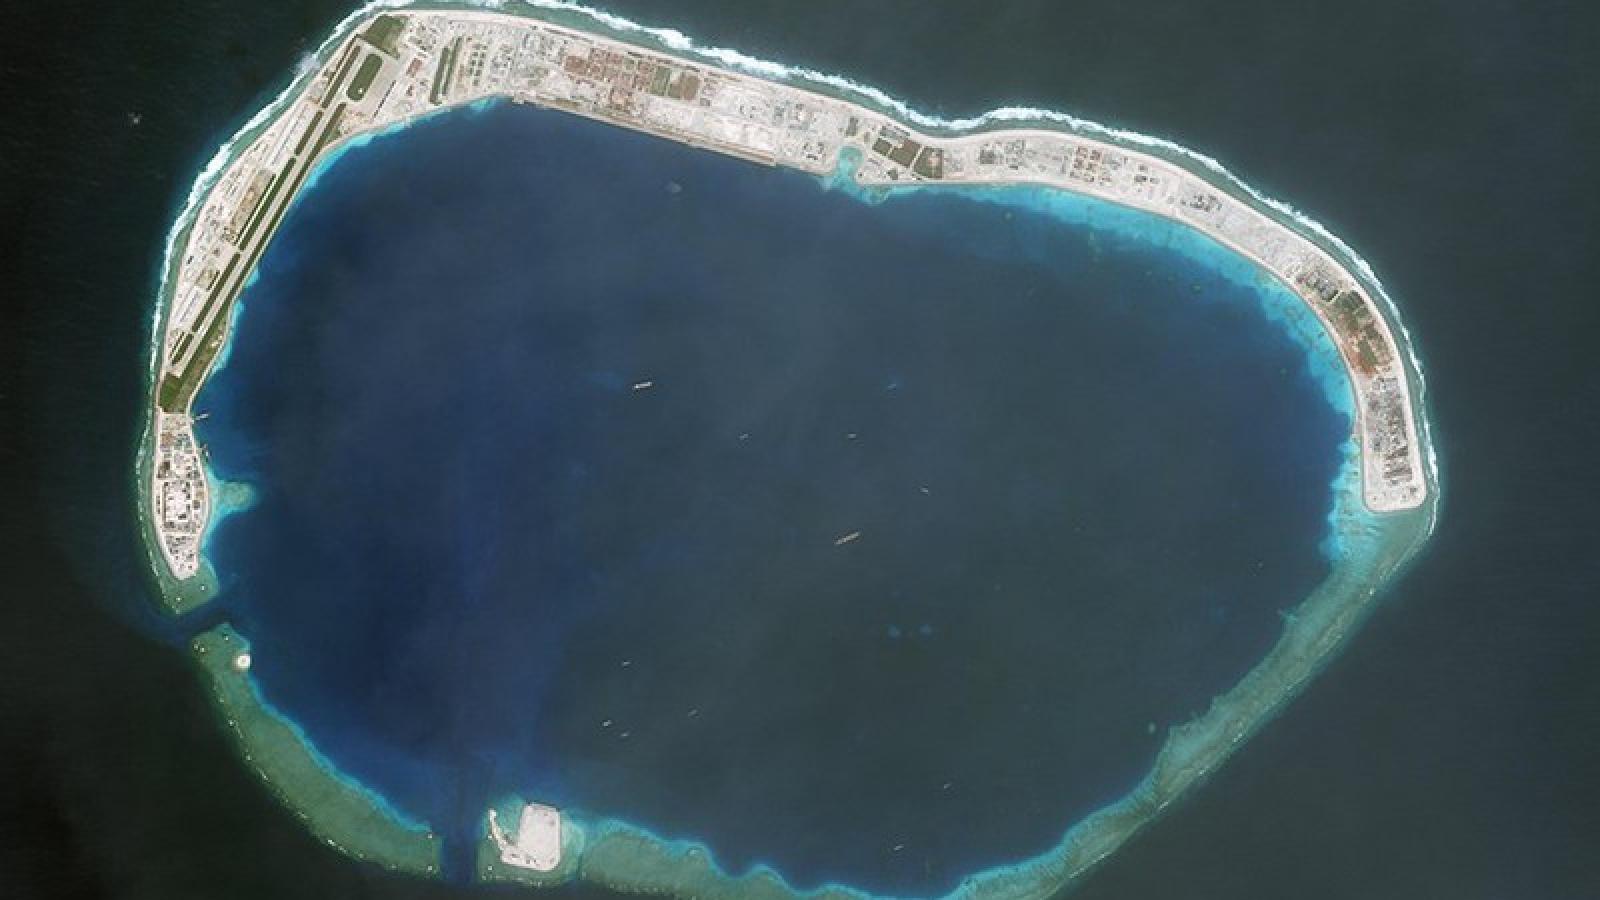 Việt Nam bác bỏ quan điểm sai trái của Trung Quốc về Biển Đông